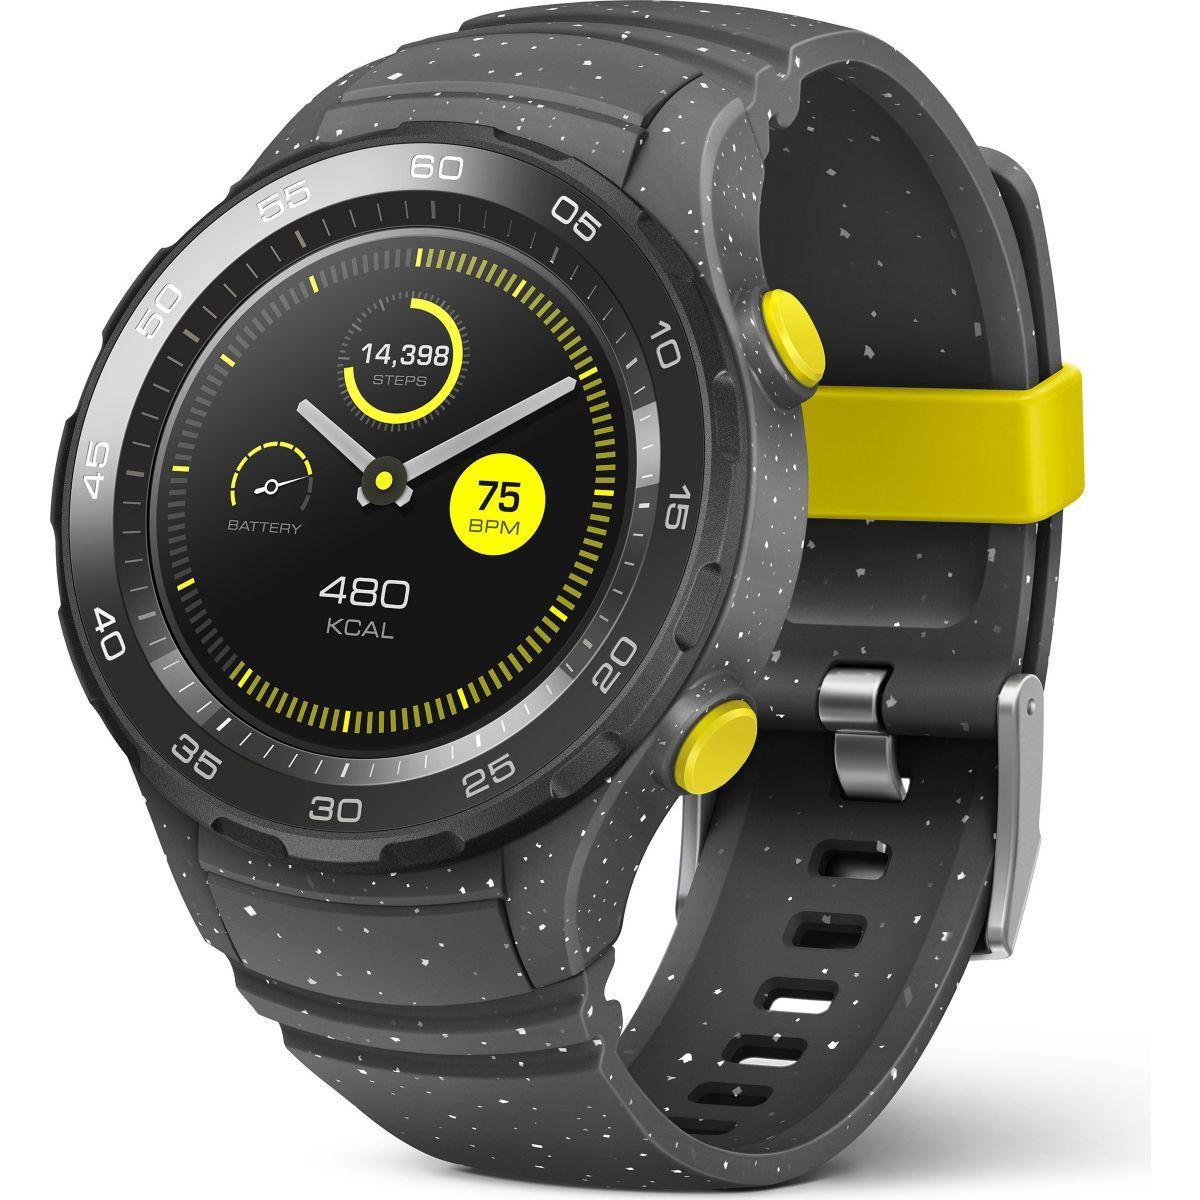 Montre huawei watch 2 sport gris - 10% de remise immédiate avec le code : cool10 (photo)